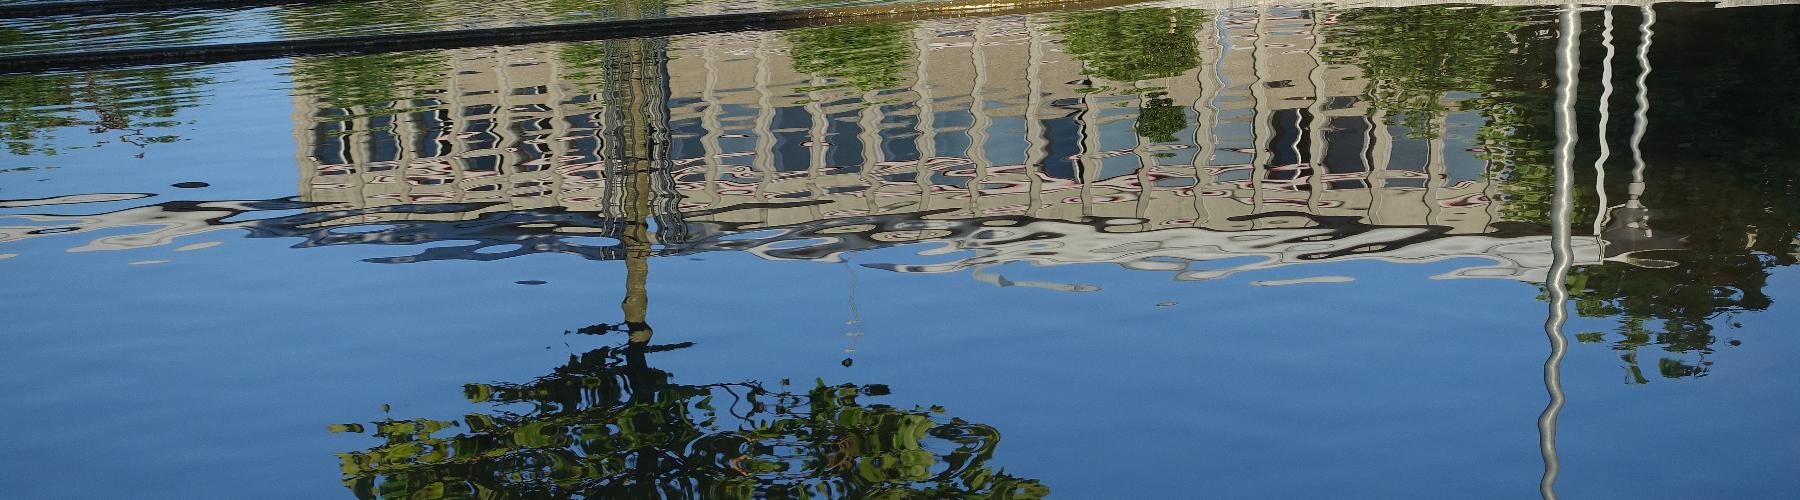 Vejen Kommune cover image